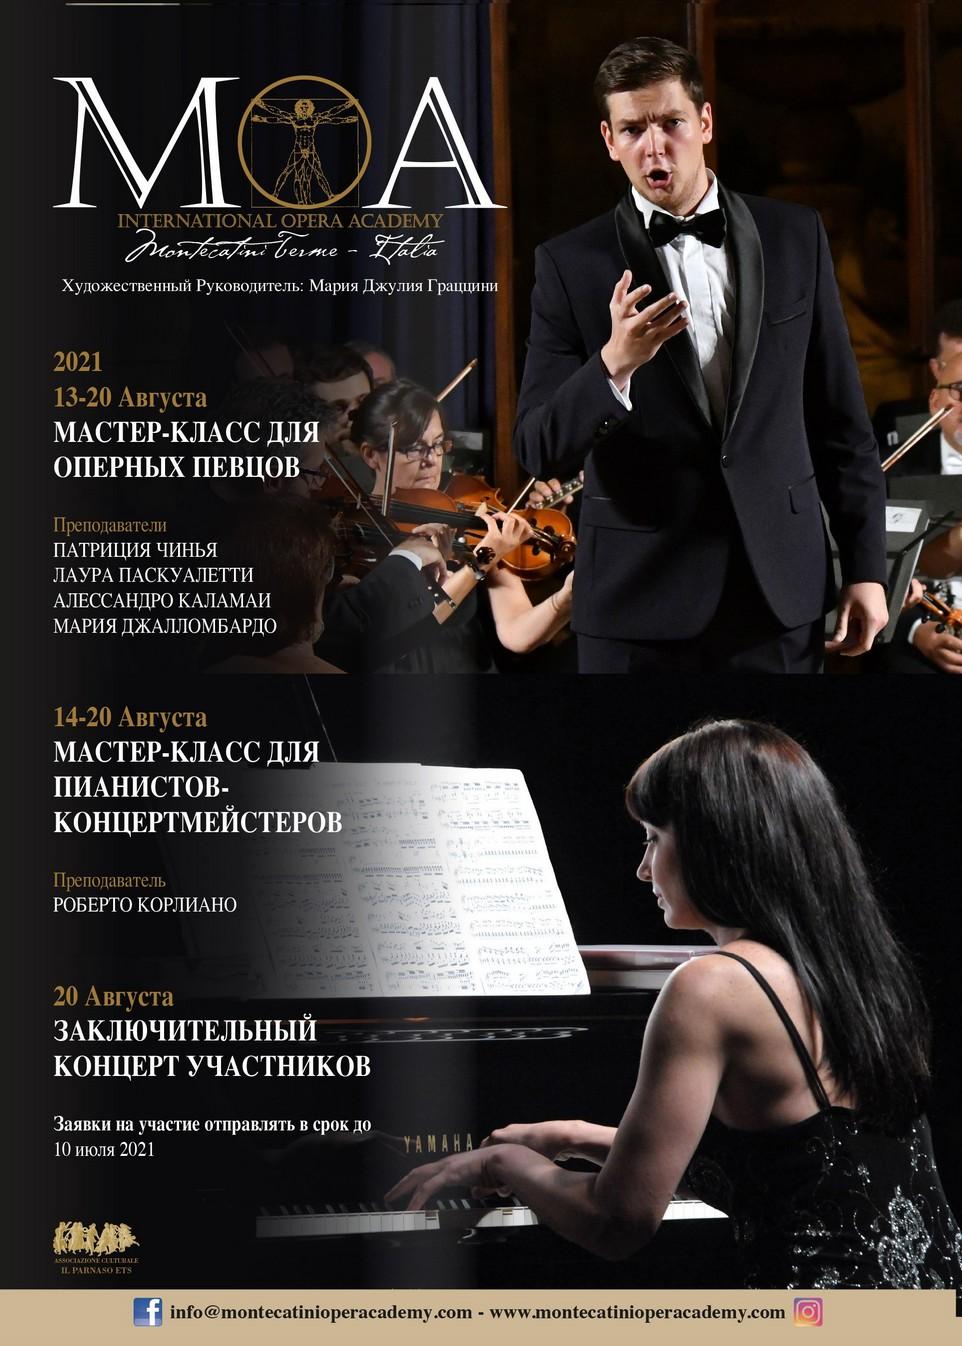 Международную Оперную Академию 13-20 АВГУСТА 2021 МОНТЕКАТИНИ ТЕРМЕ – ИТАЛИЯ